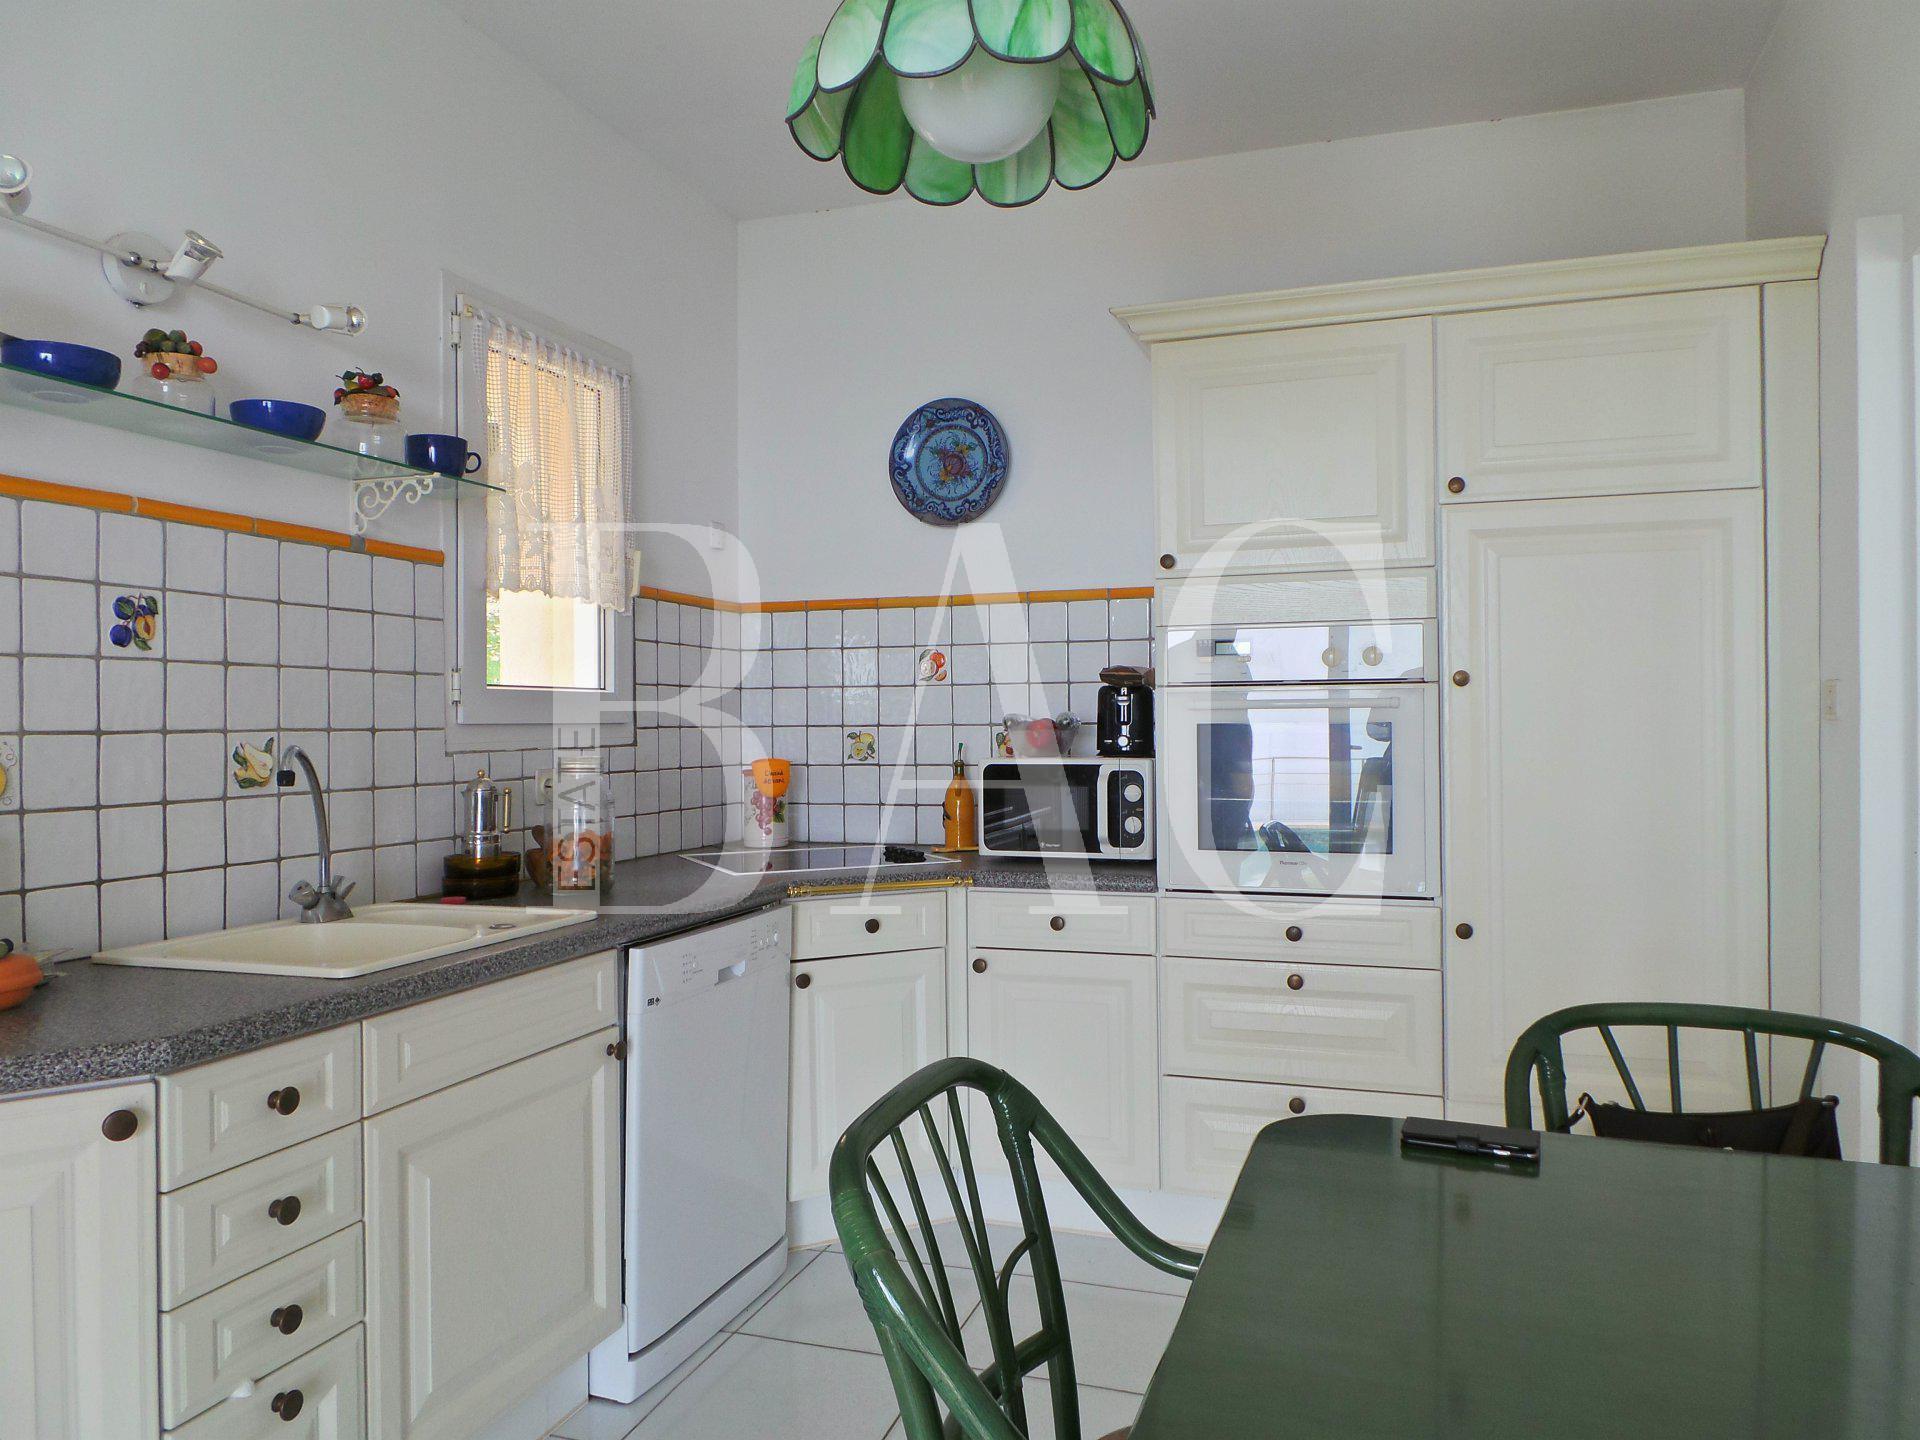 Les Issambres, commune de Roquebrune-Sur-Argens, jolie villa avec vue mer panoramique et à 10 minutes à pieds de la plage